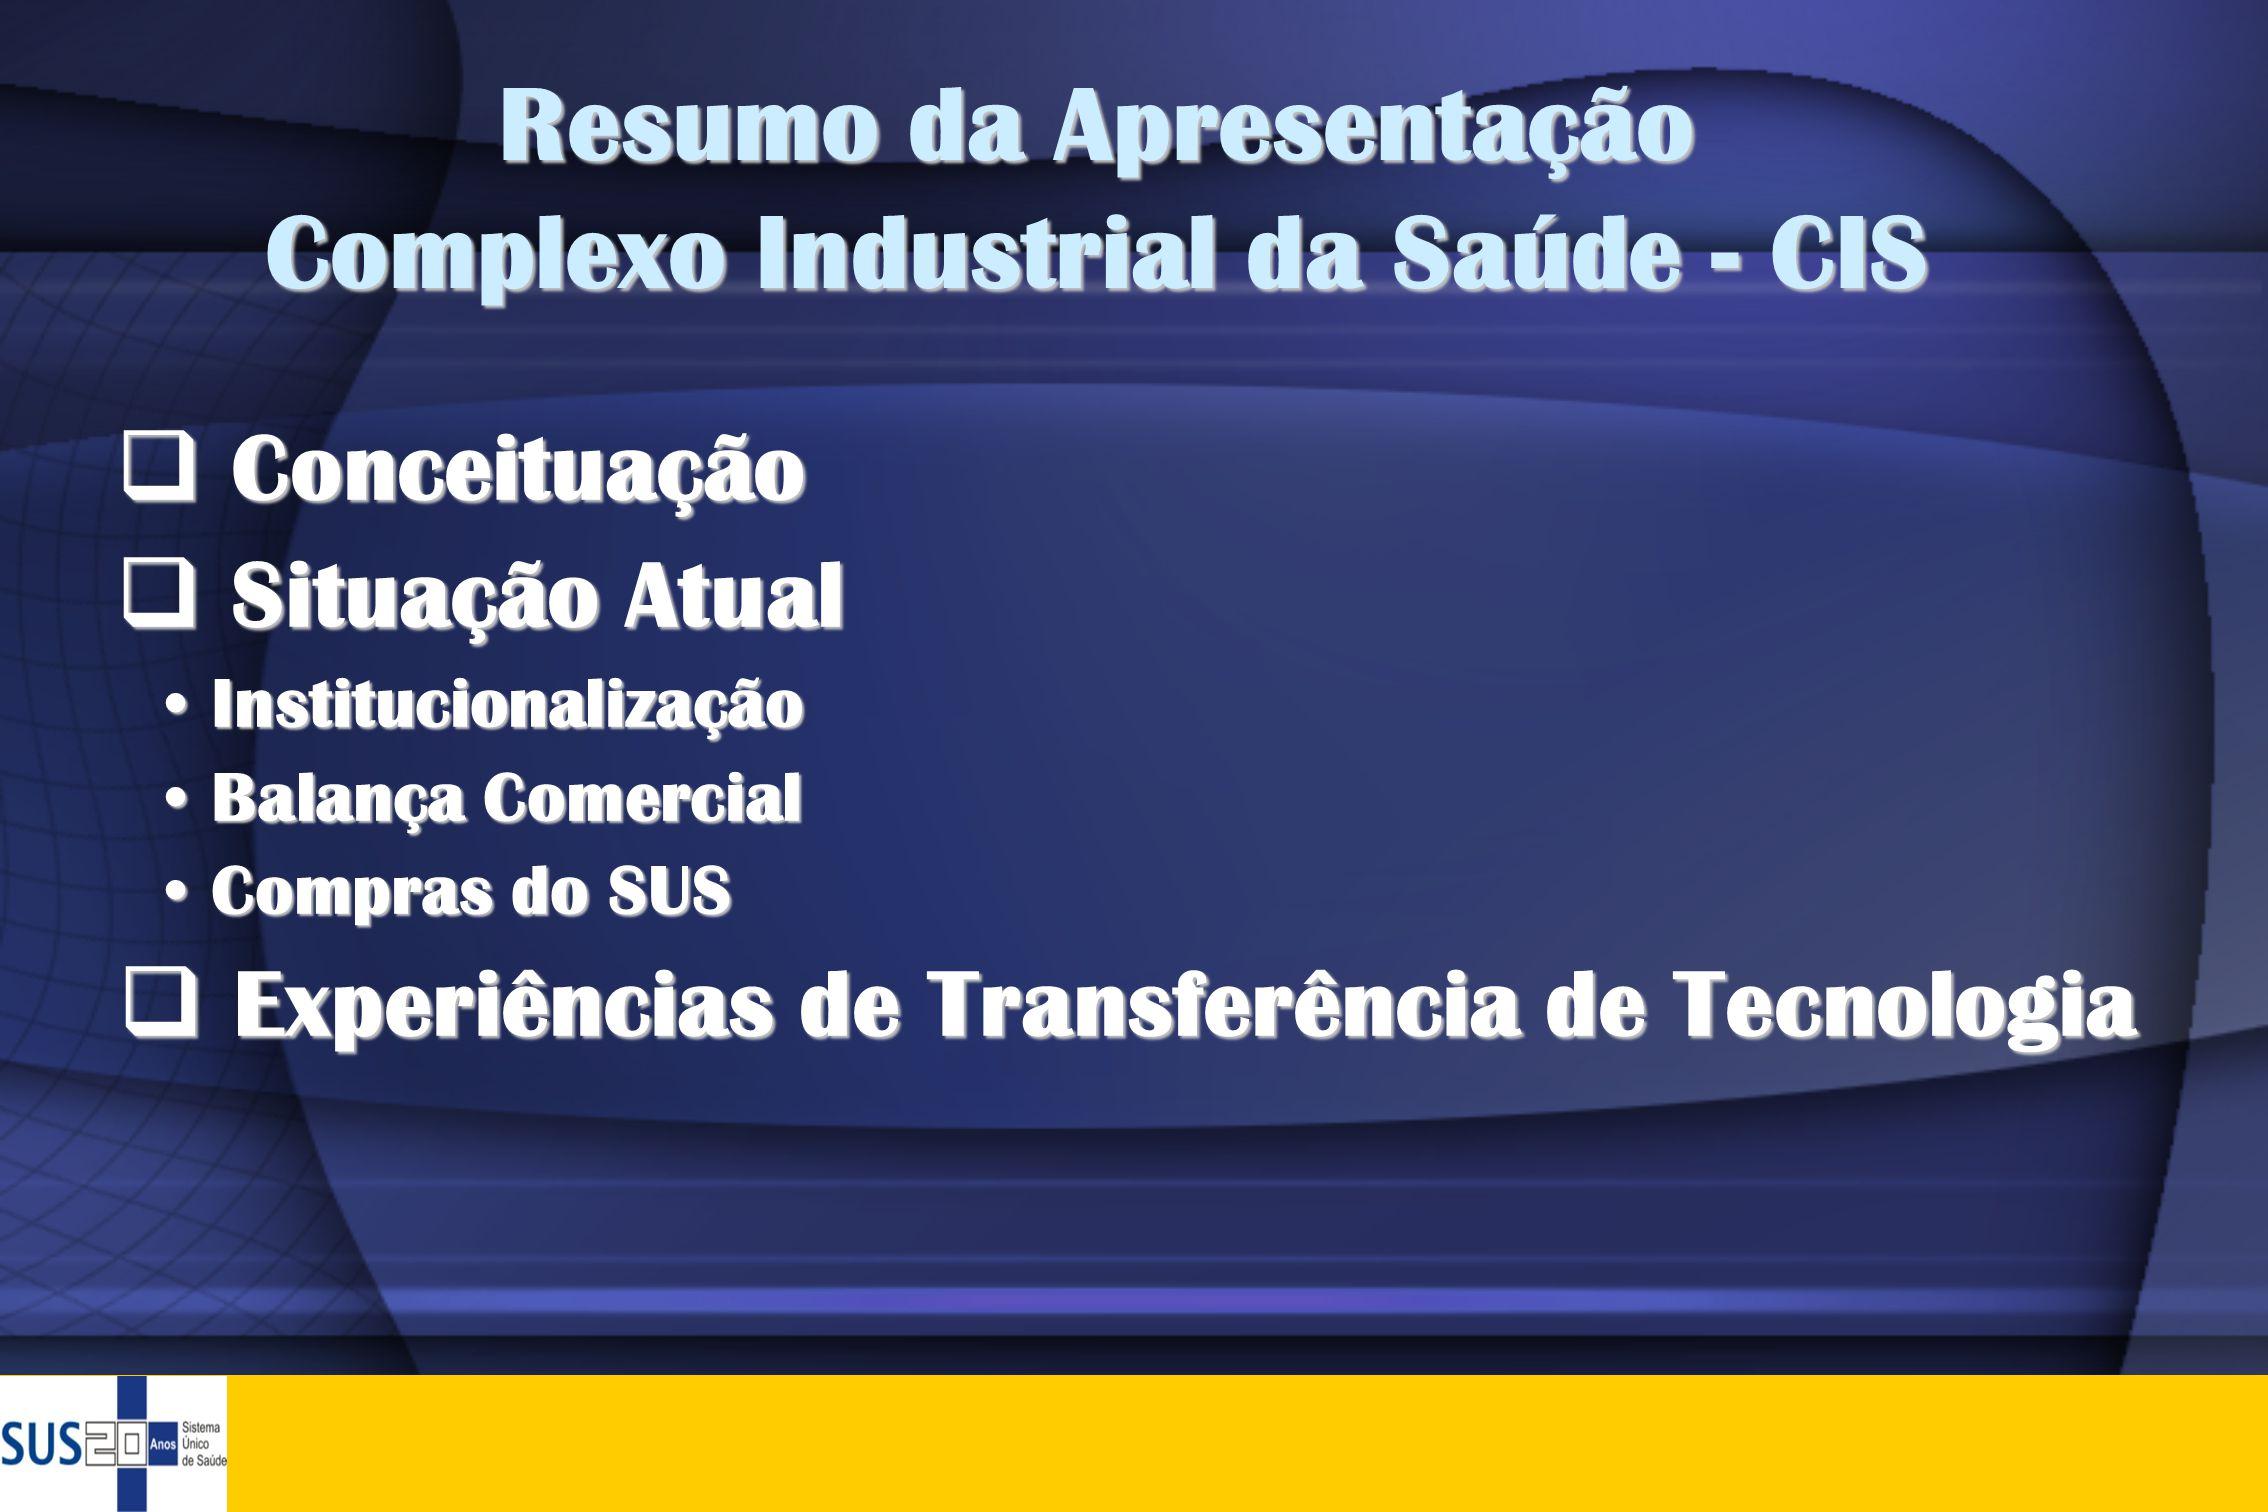 Resumo da Apresentação Complexo Industrial da Saúde - CIS